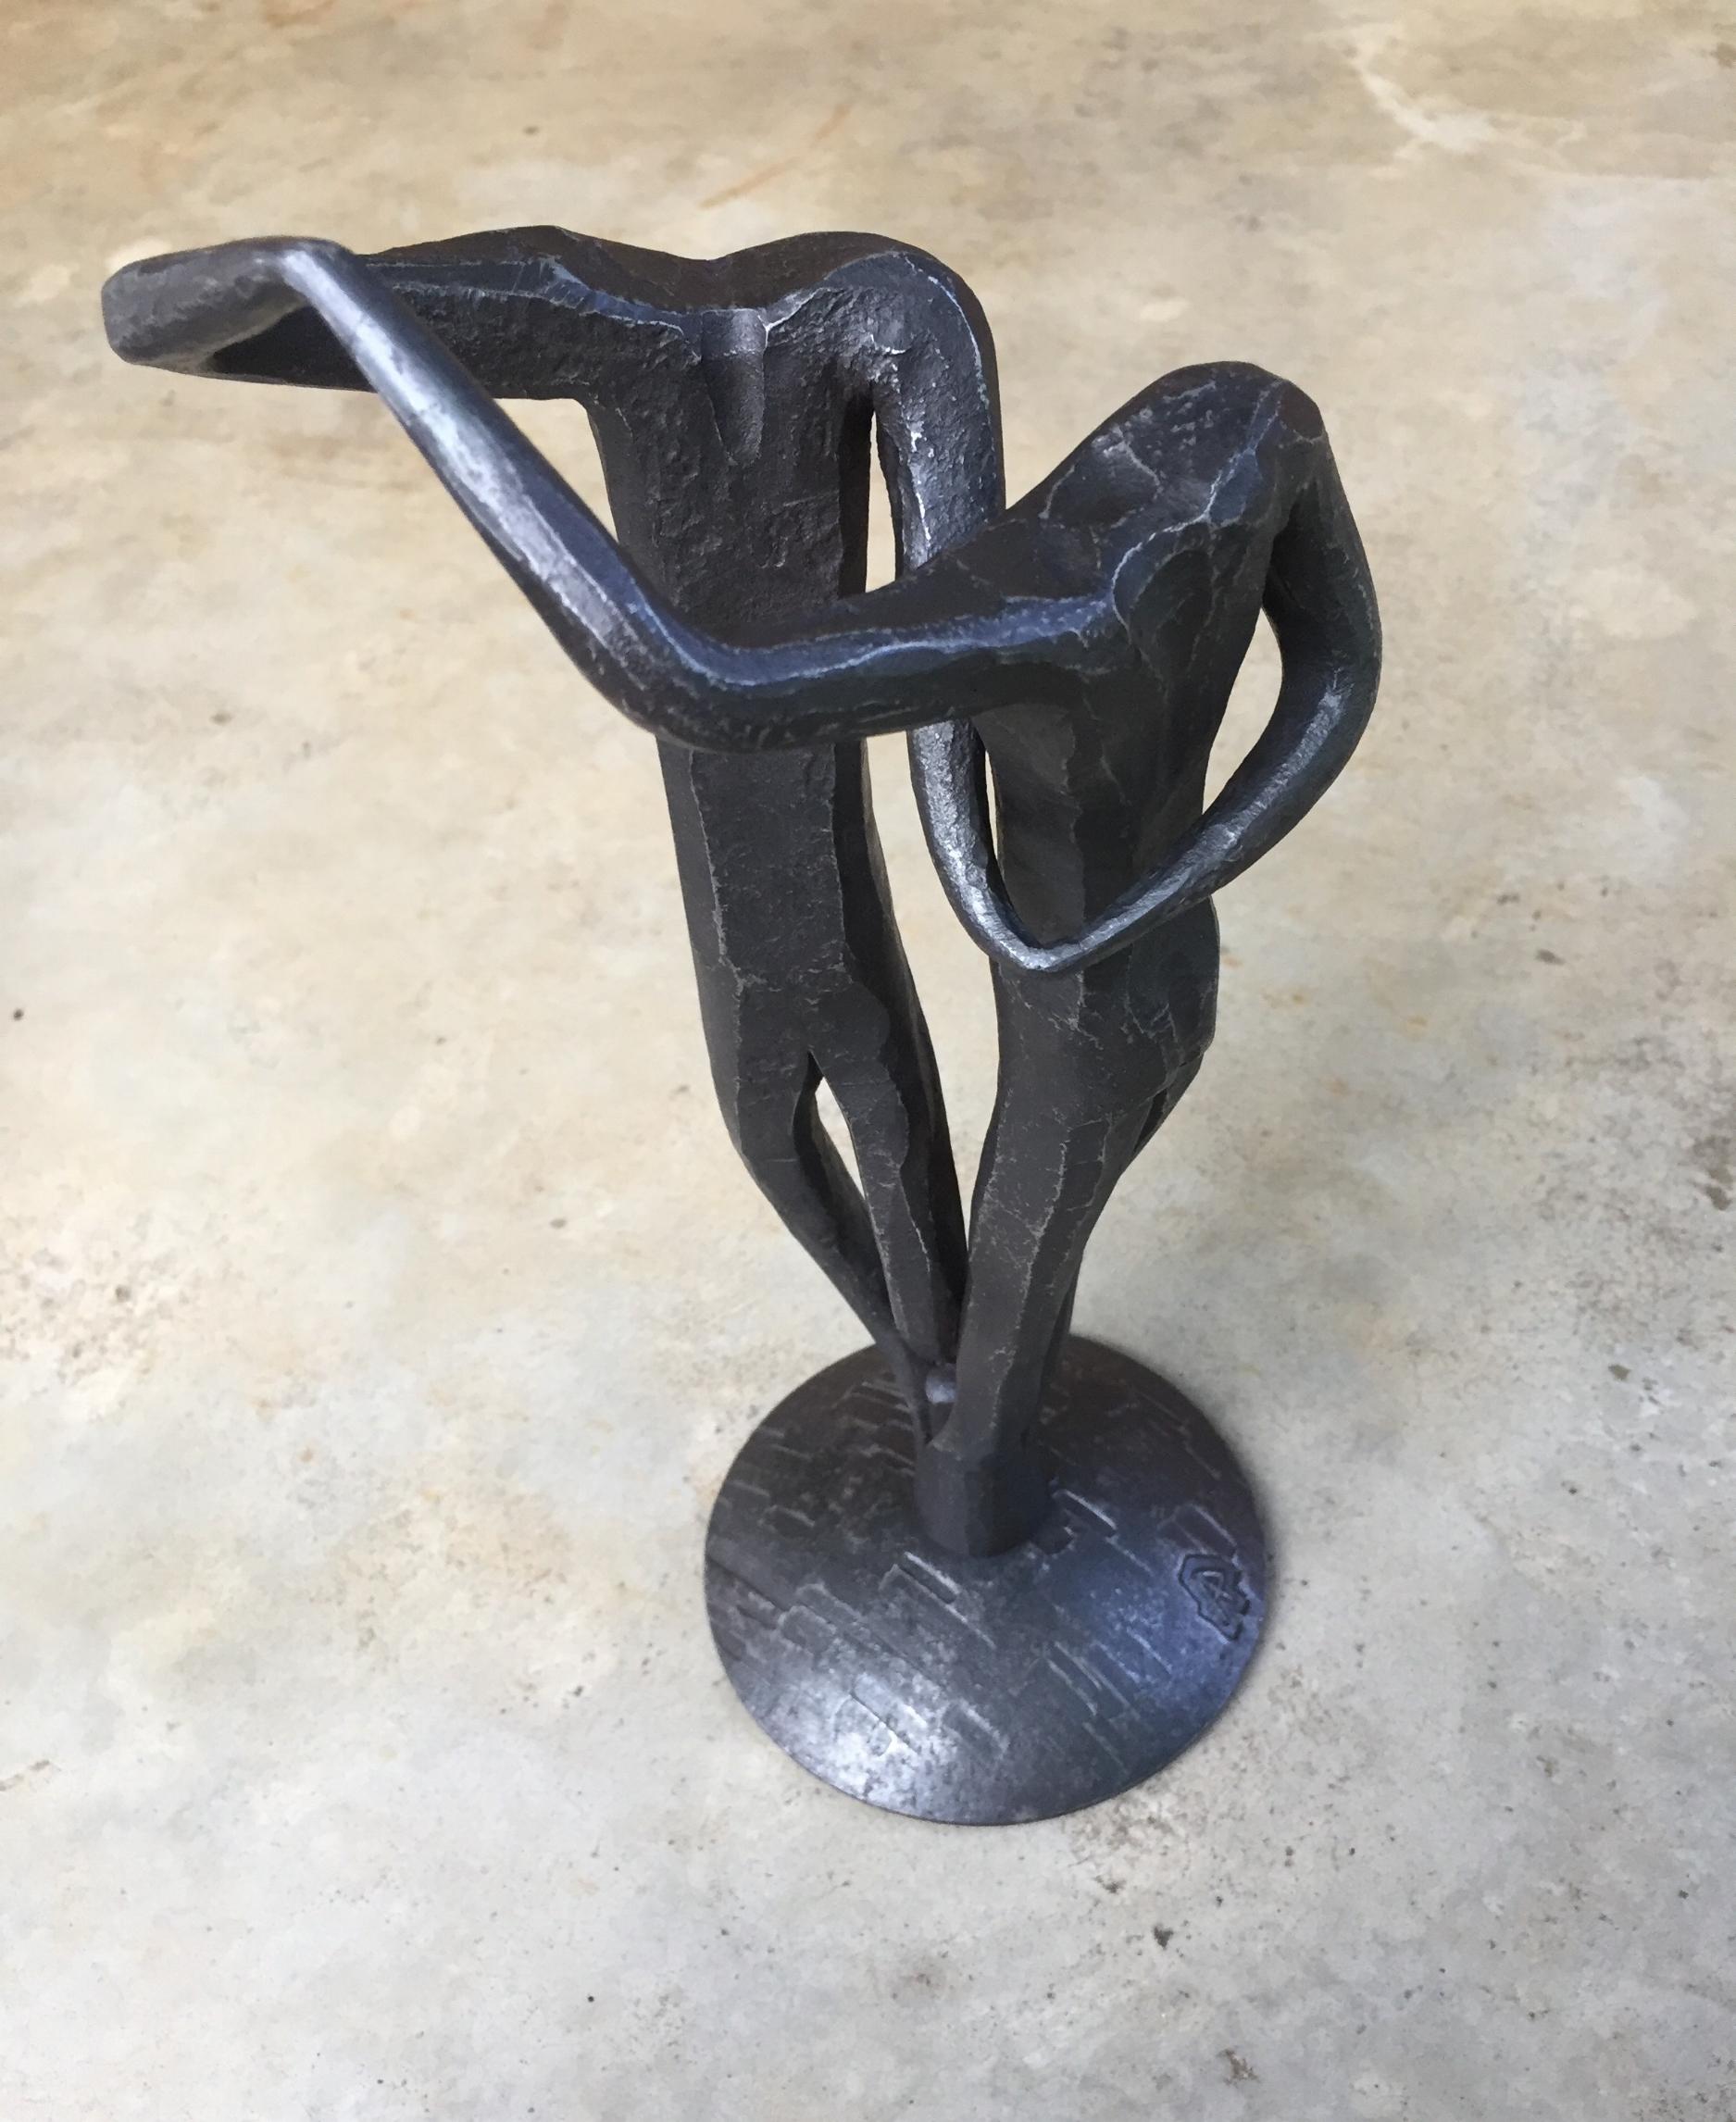 Salsa Dancers,mild steel, 2017